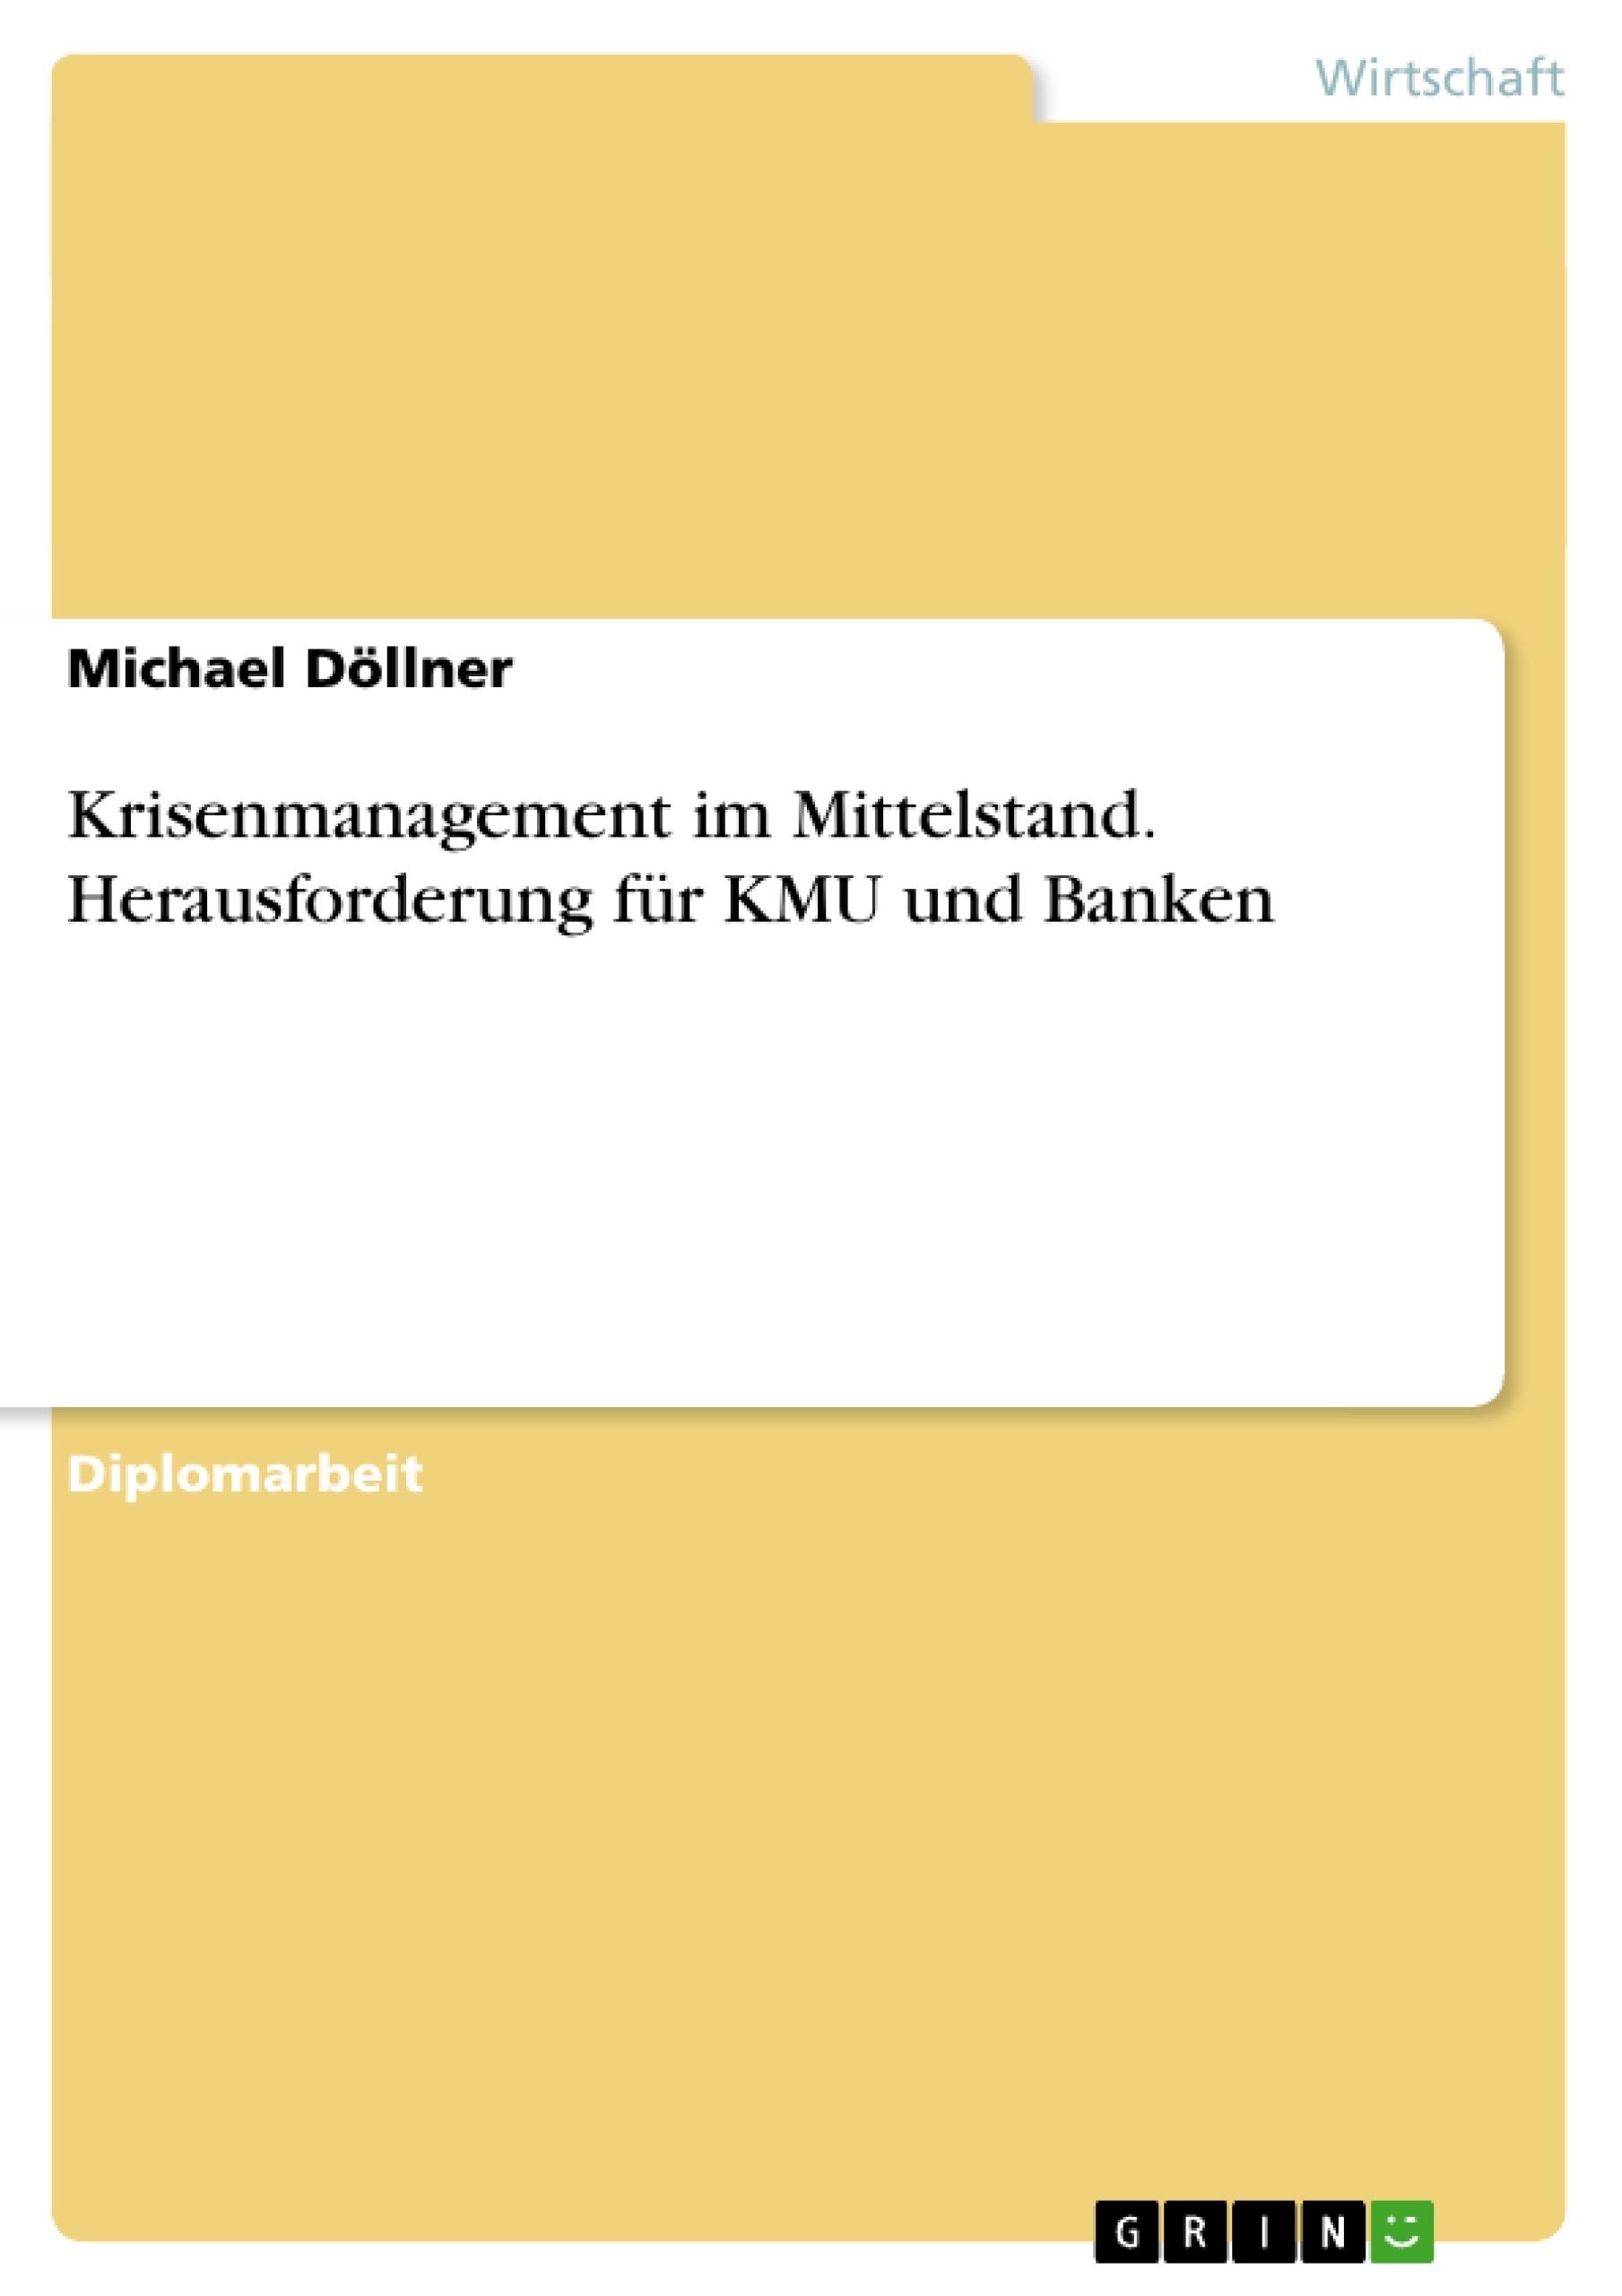 Titel: Krisenmanagement im Mittelstand. Herausforderung für KMU und Banken